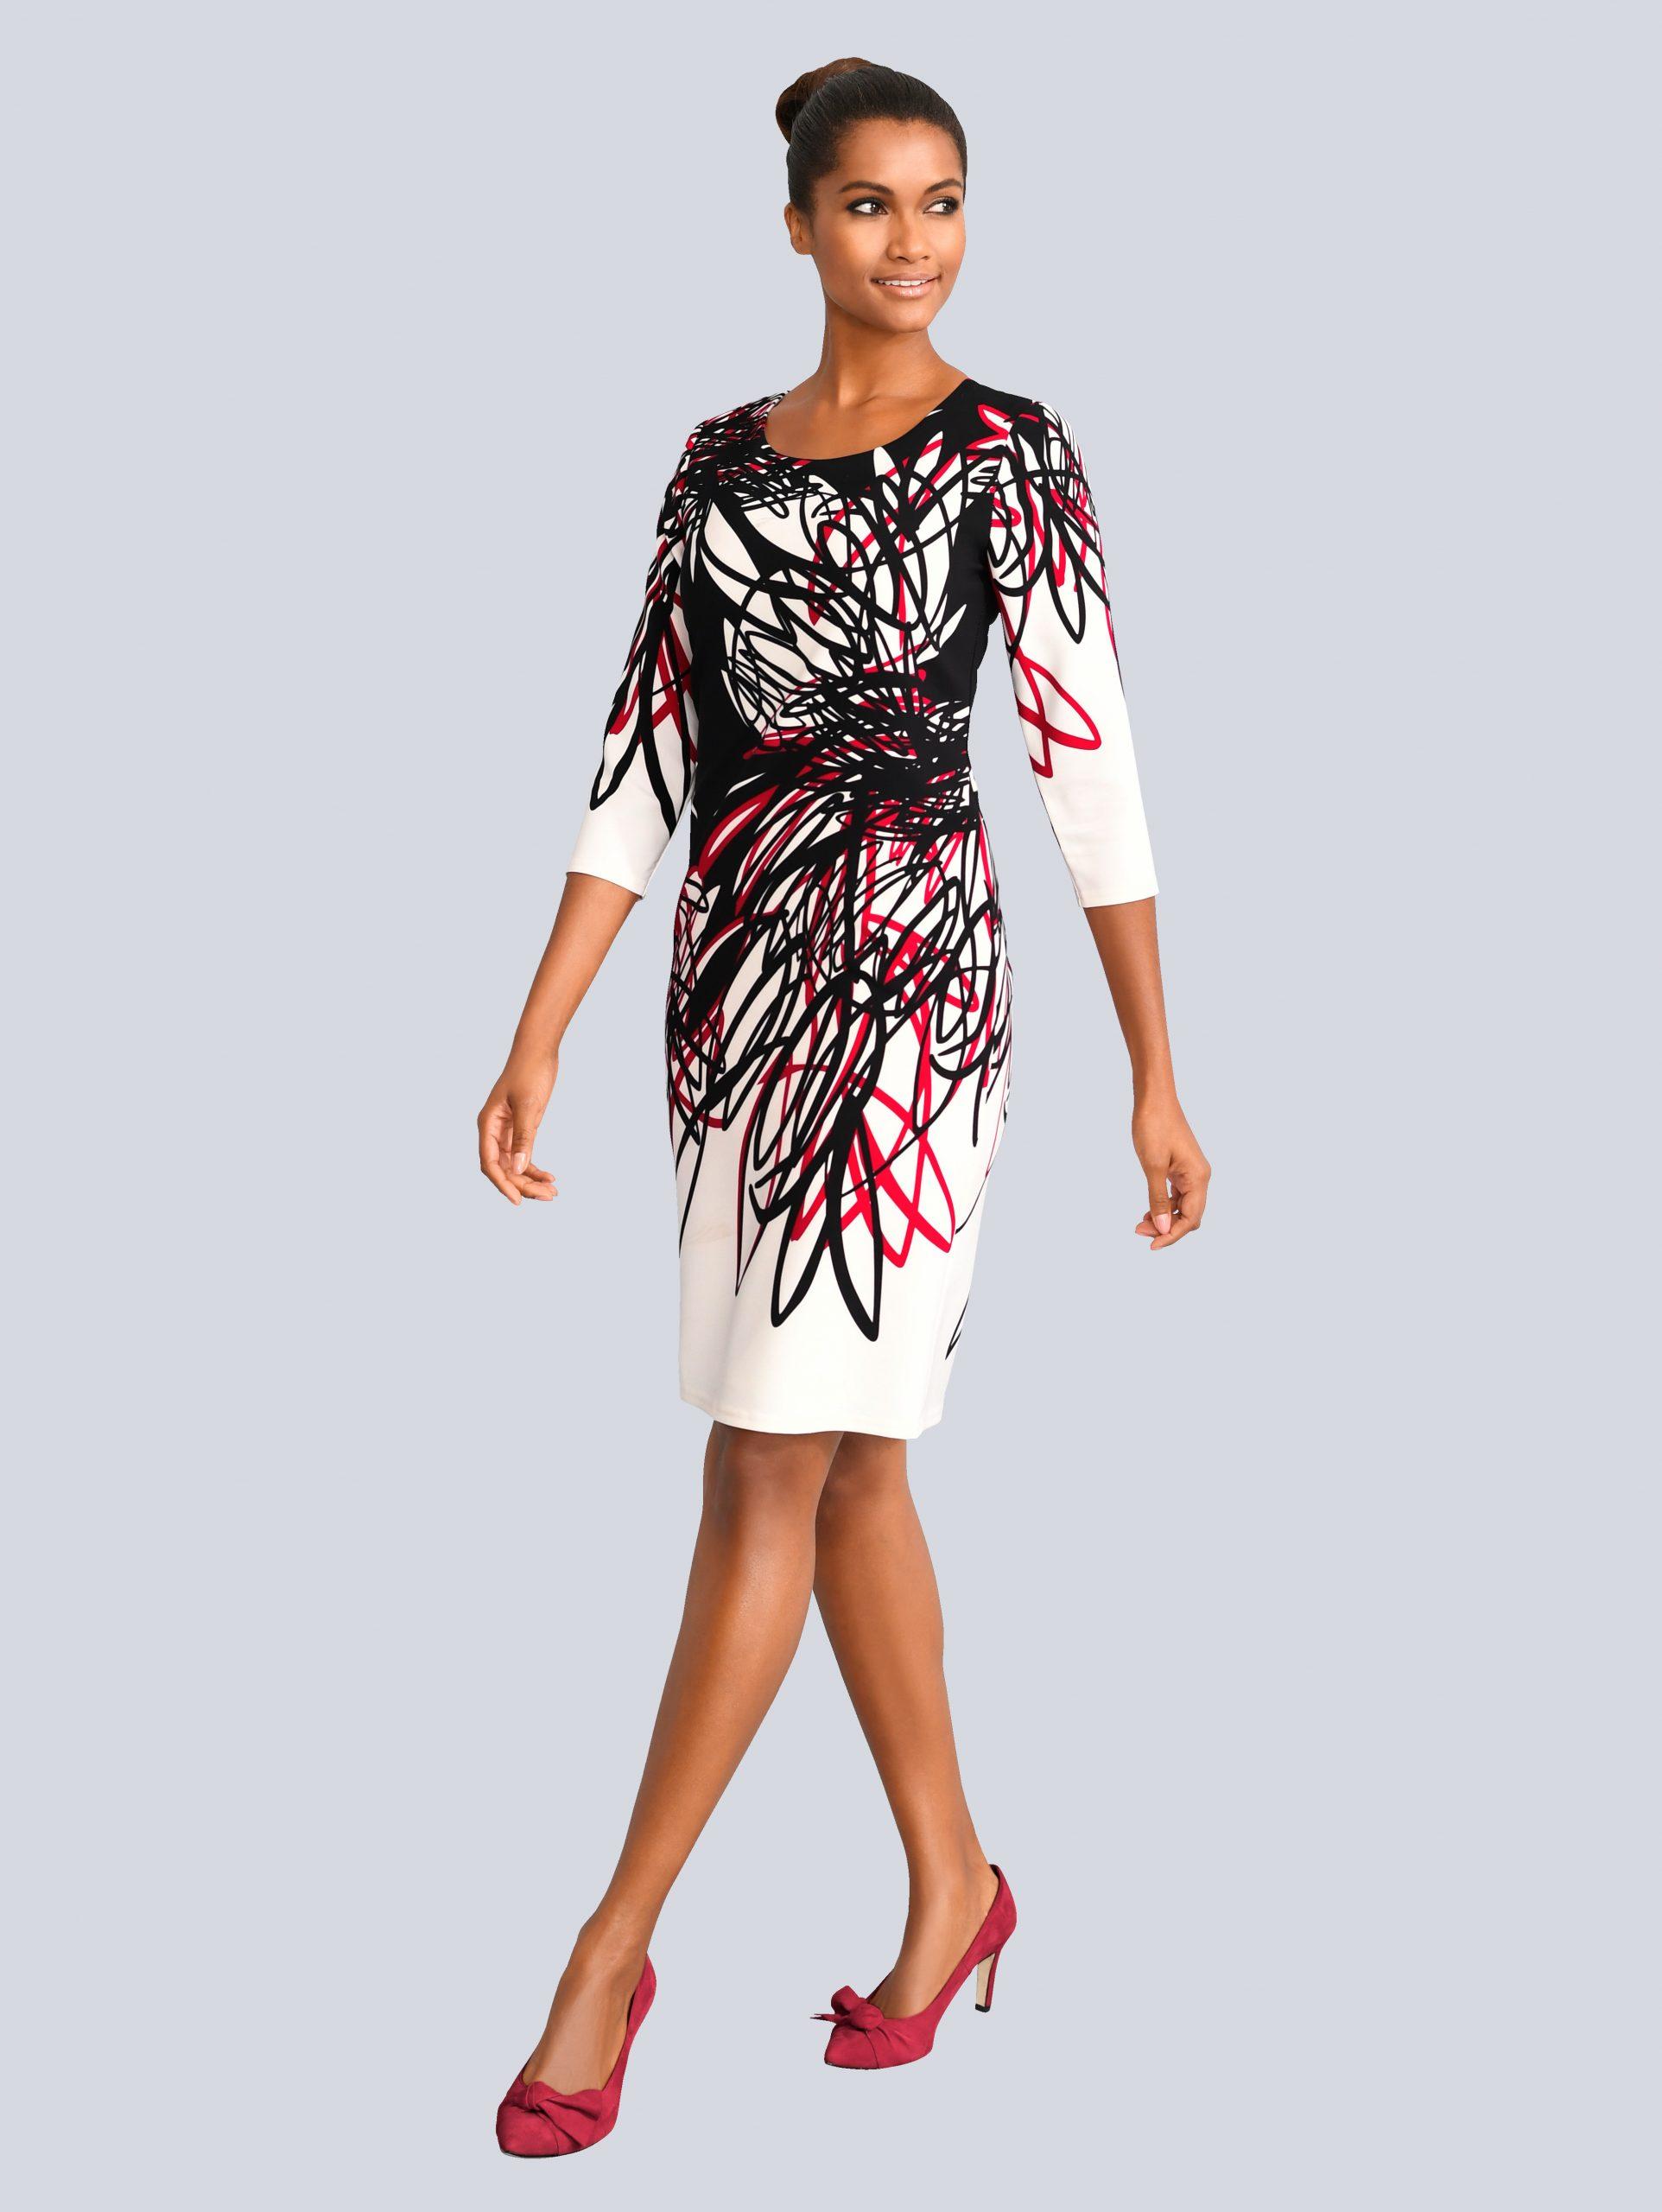 Formal Einzigartig Kleid Festlich Midi StylishAbend Coolste Kleid Festlich Midi Boutique